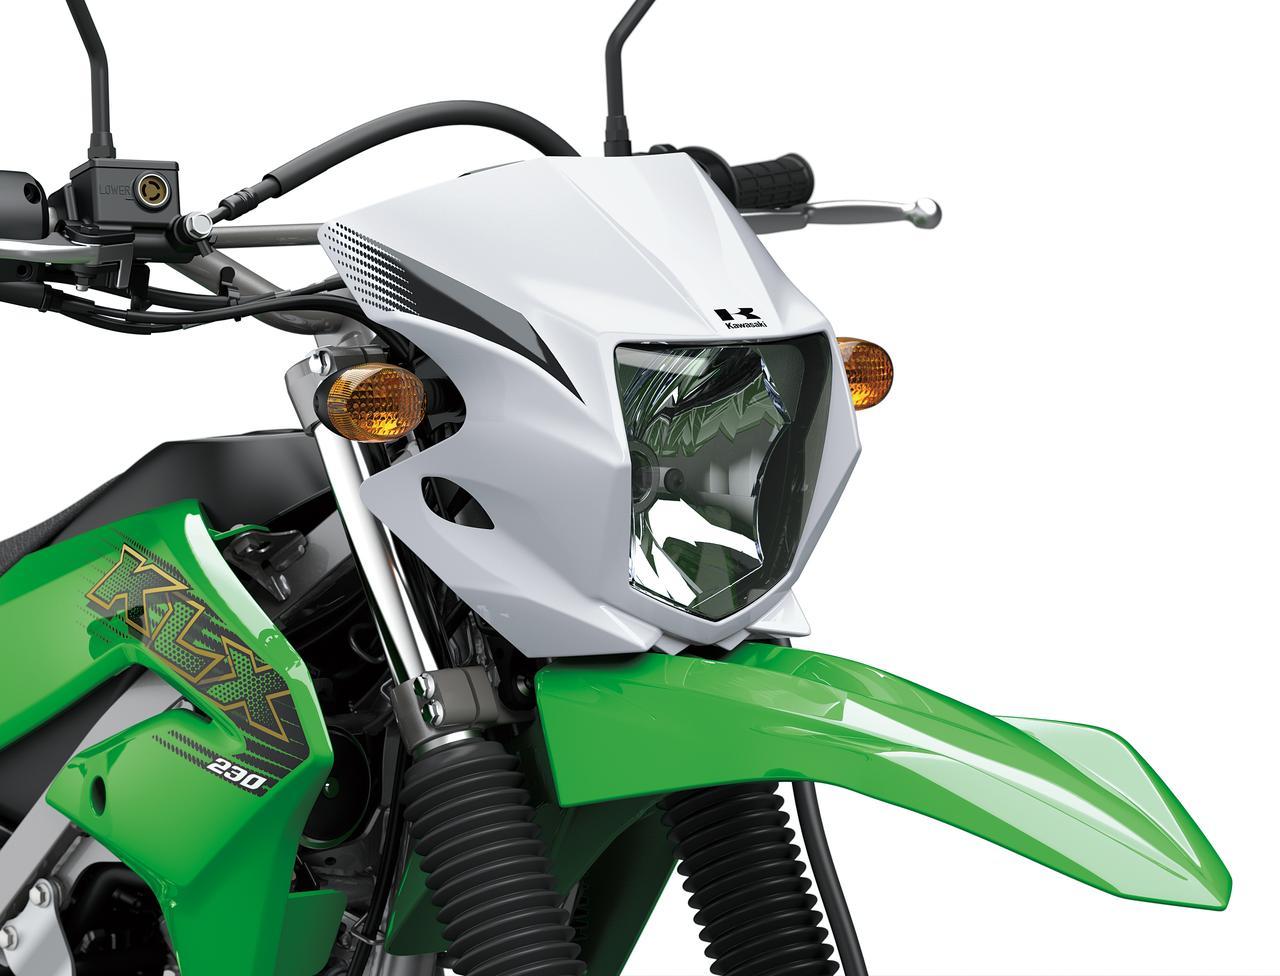 待望のカワサキ製オフロードバイク「KLX230」を解説! 日本国内での発売予定日は10月15日(火)!